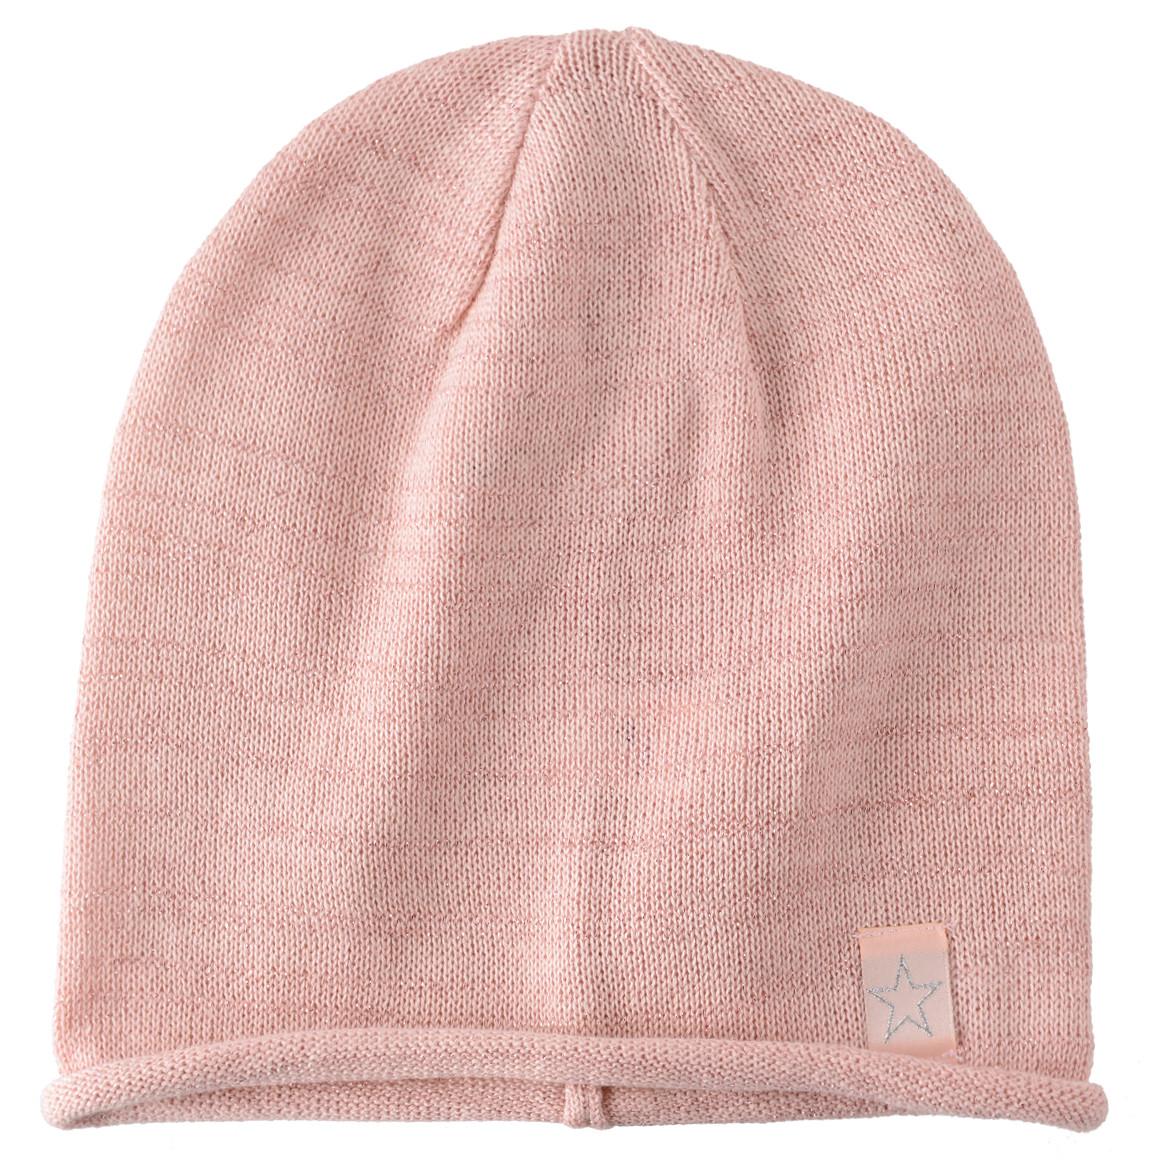 Mädchen Mütze mit rosa glitzernden Fäden